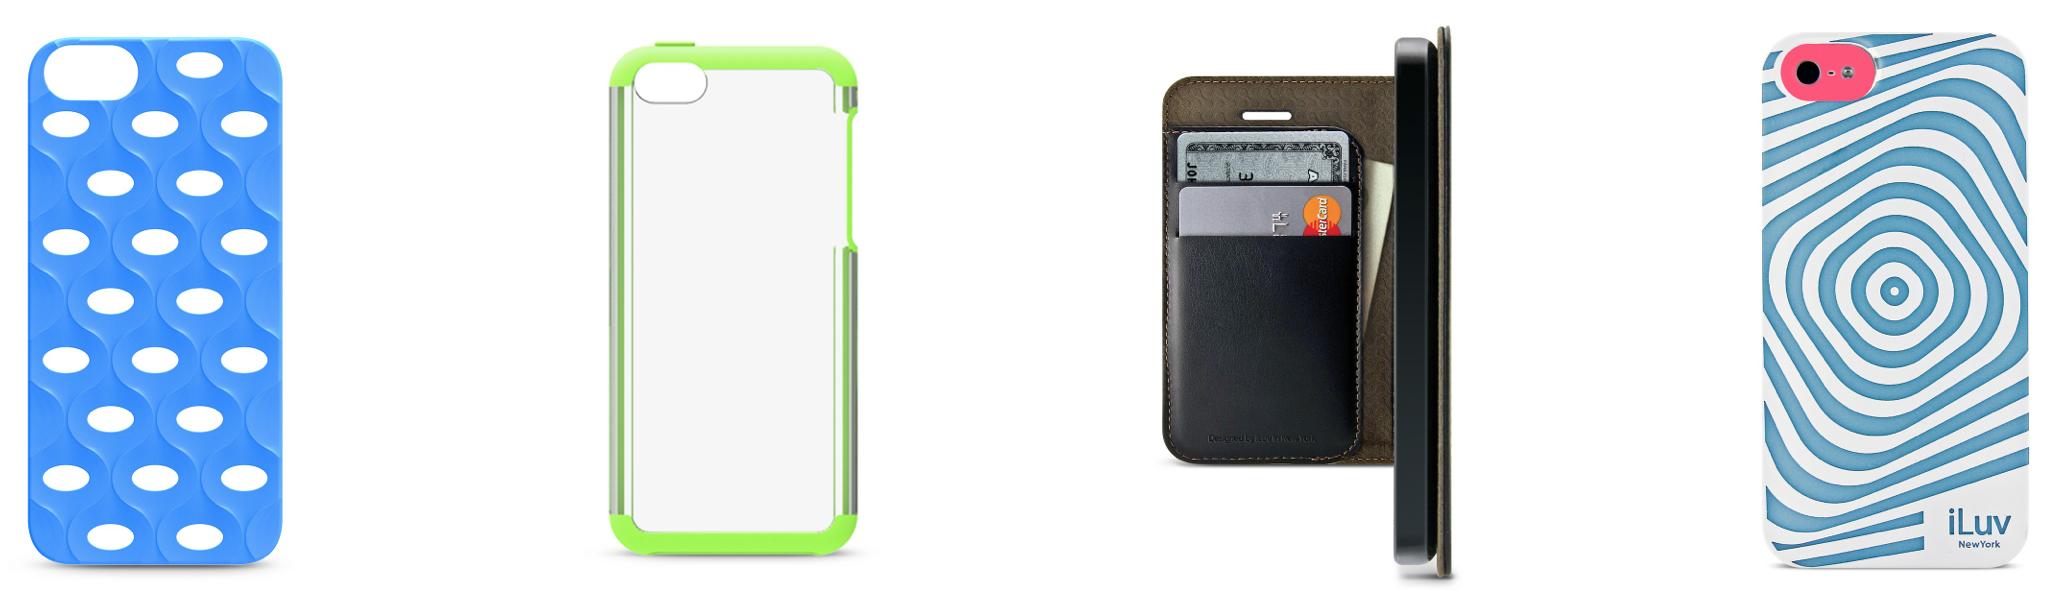 iLuv-iPhone 5c-cases